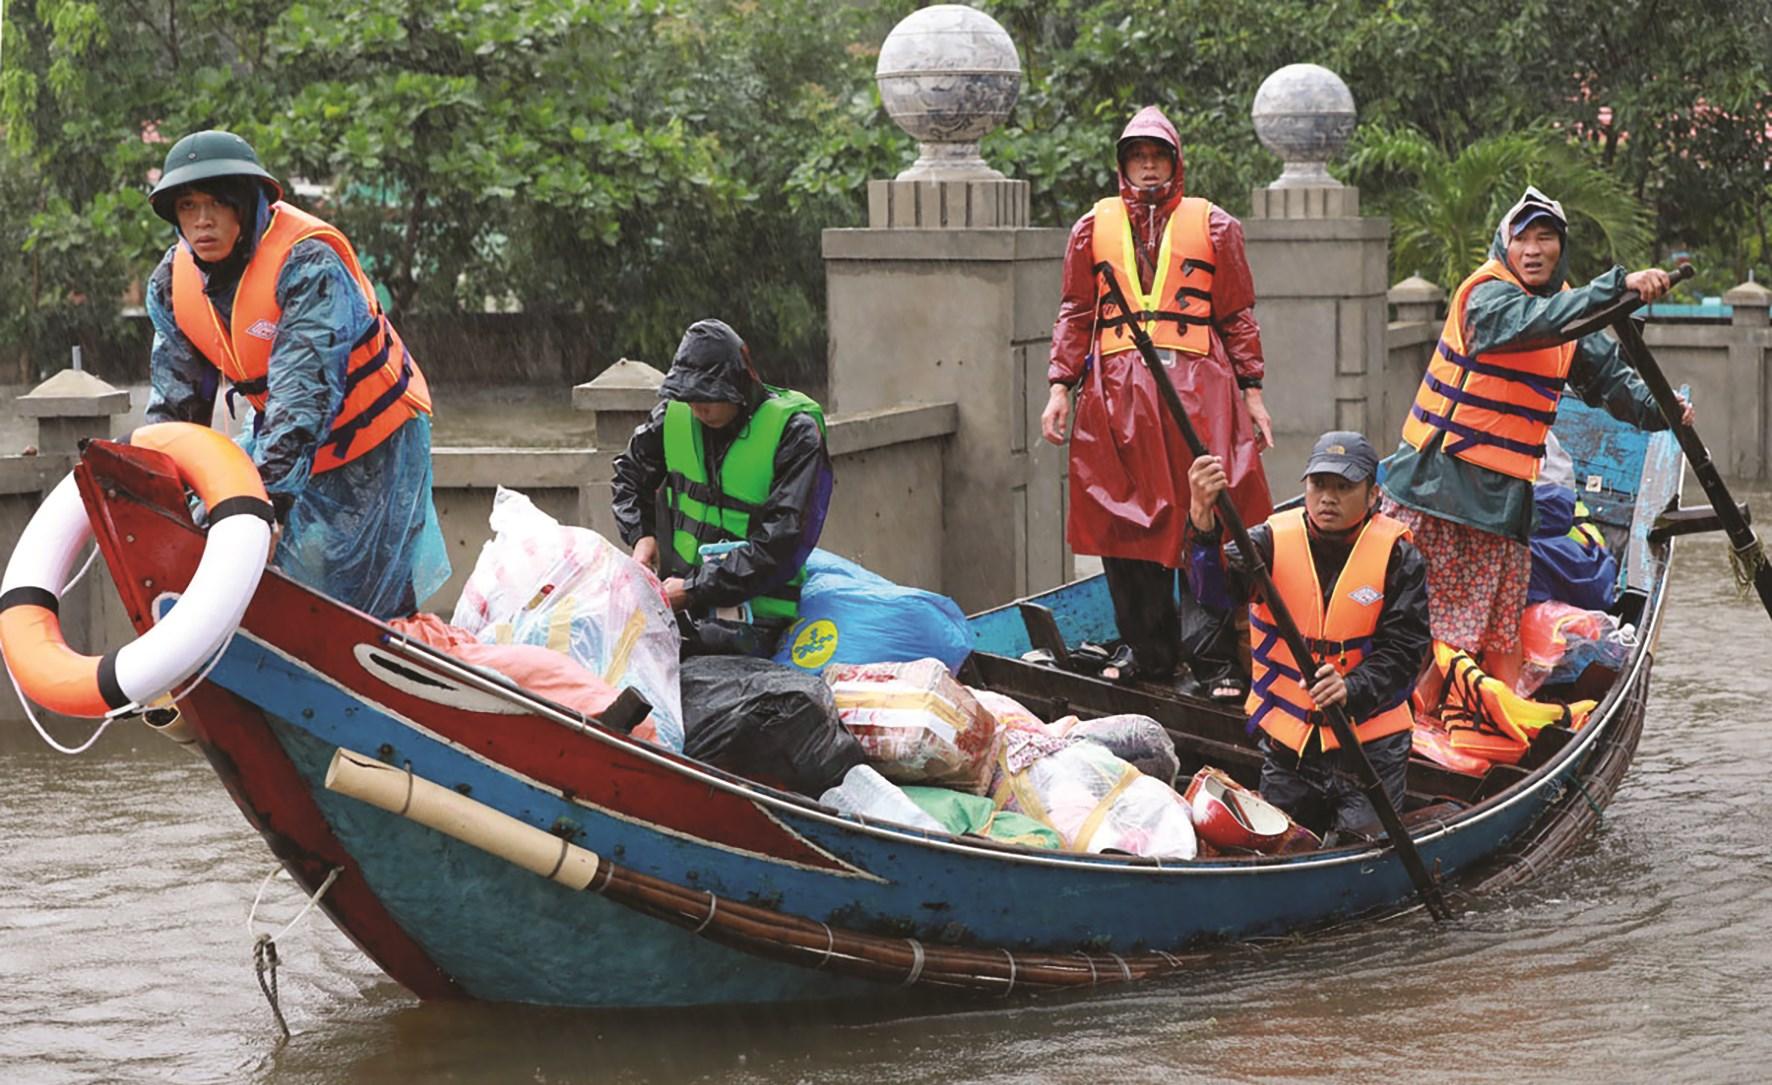 Ngư dân vùng biển dùng thuyền đánh cá cứu hộ - cứu nạn - cứu trợ. (Nguồn ảnh VnExpress)